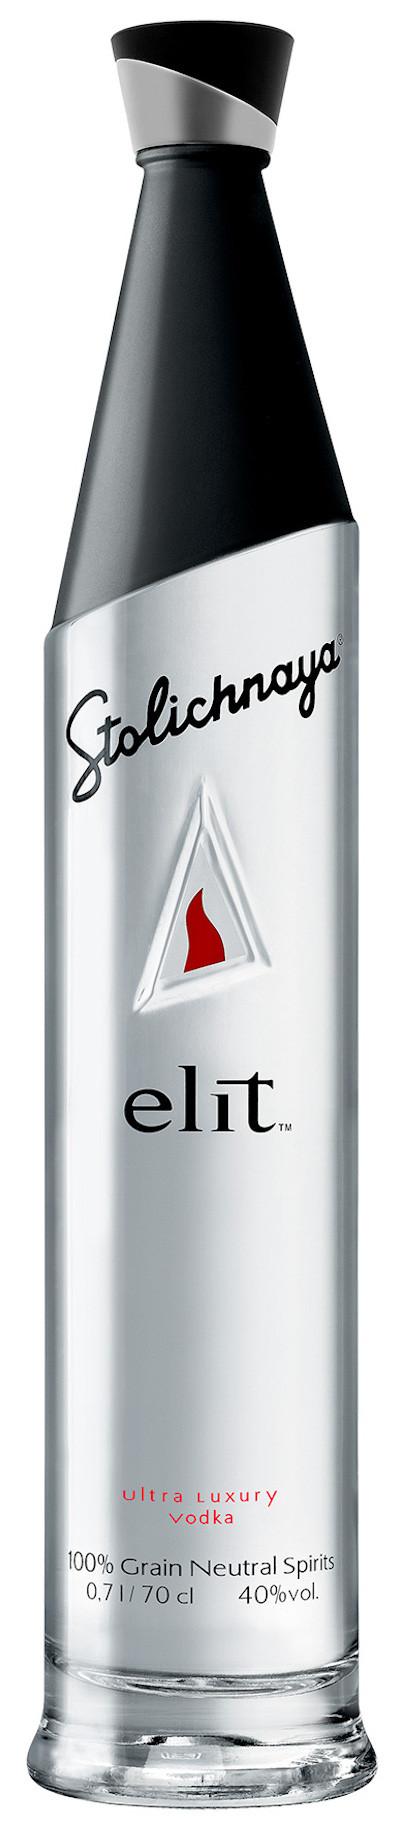 Stolichnaya - Elit Vodka